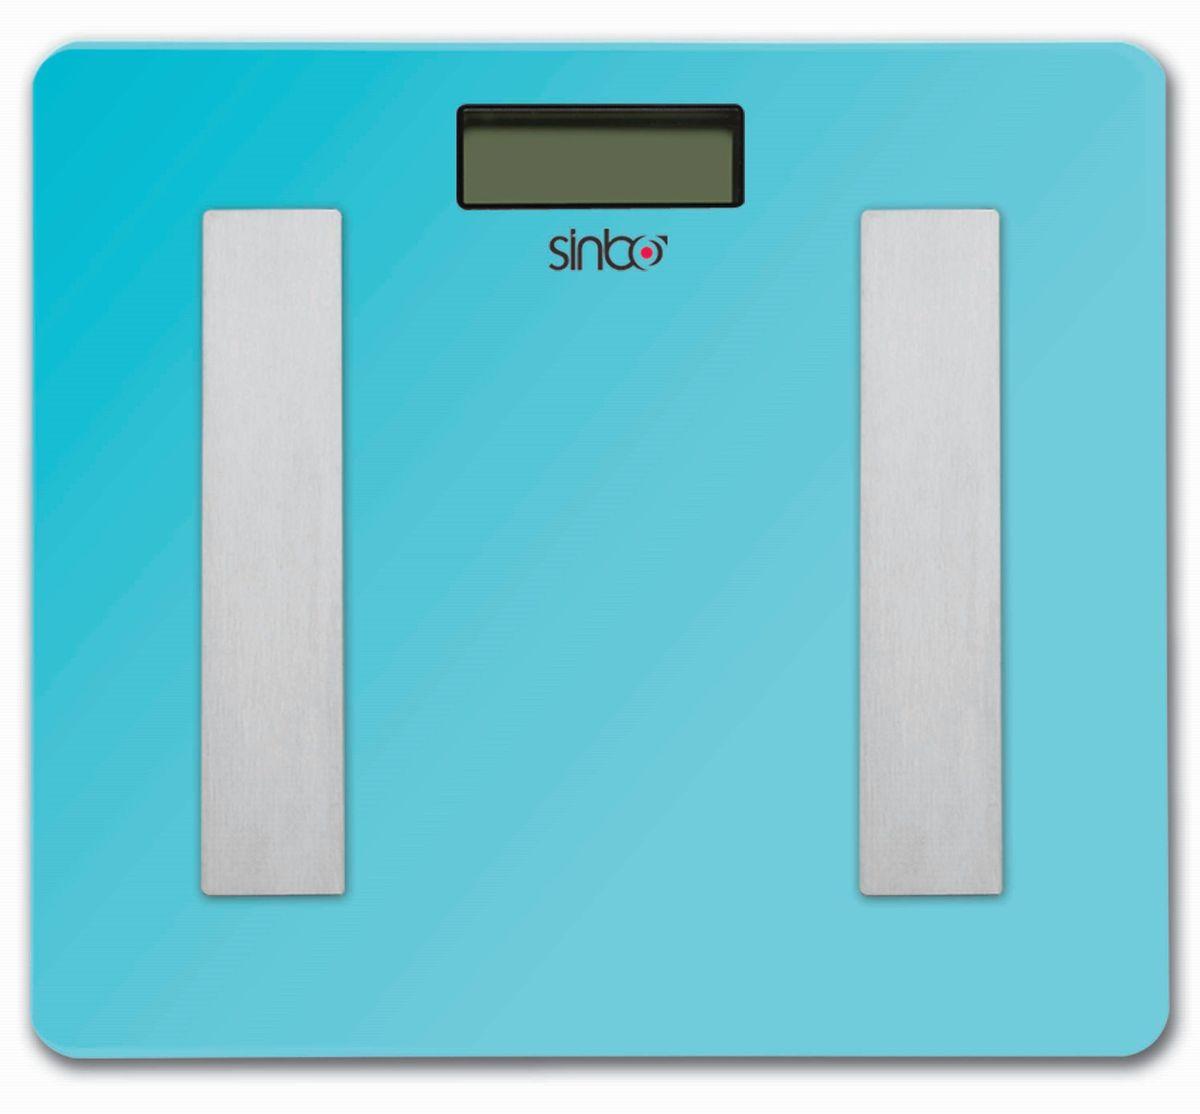 Sinbo SBS 4439, голубой весы напольныеSBS 4439Напольные электронные весы Sinbo SBS 4439 с ЖК-дисплеем и стеклянной платформой. Удобны для ежедневного контроля веса. Обладают высокой точностью измерения. Имеют устойчивую и особо прочную стеклянную платформу, что позволяет выдерживать большую нагрузку.